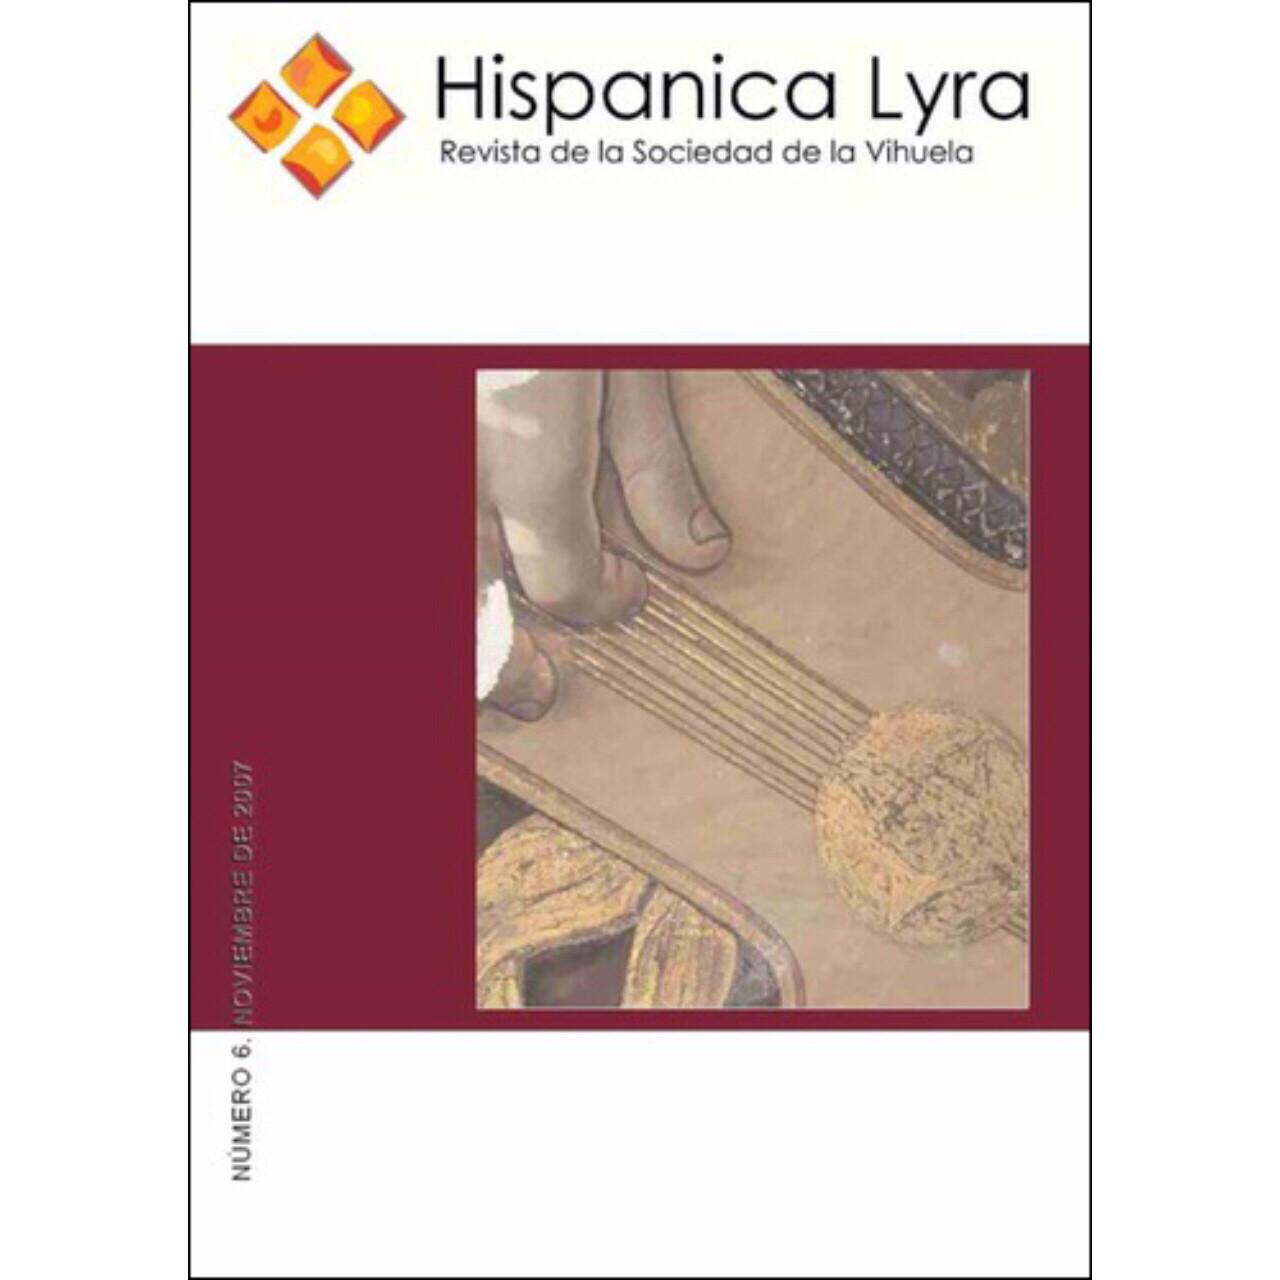 Nº6, noviembre de 2007 [edición digital/digital edition]